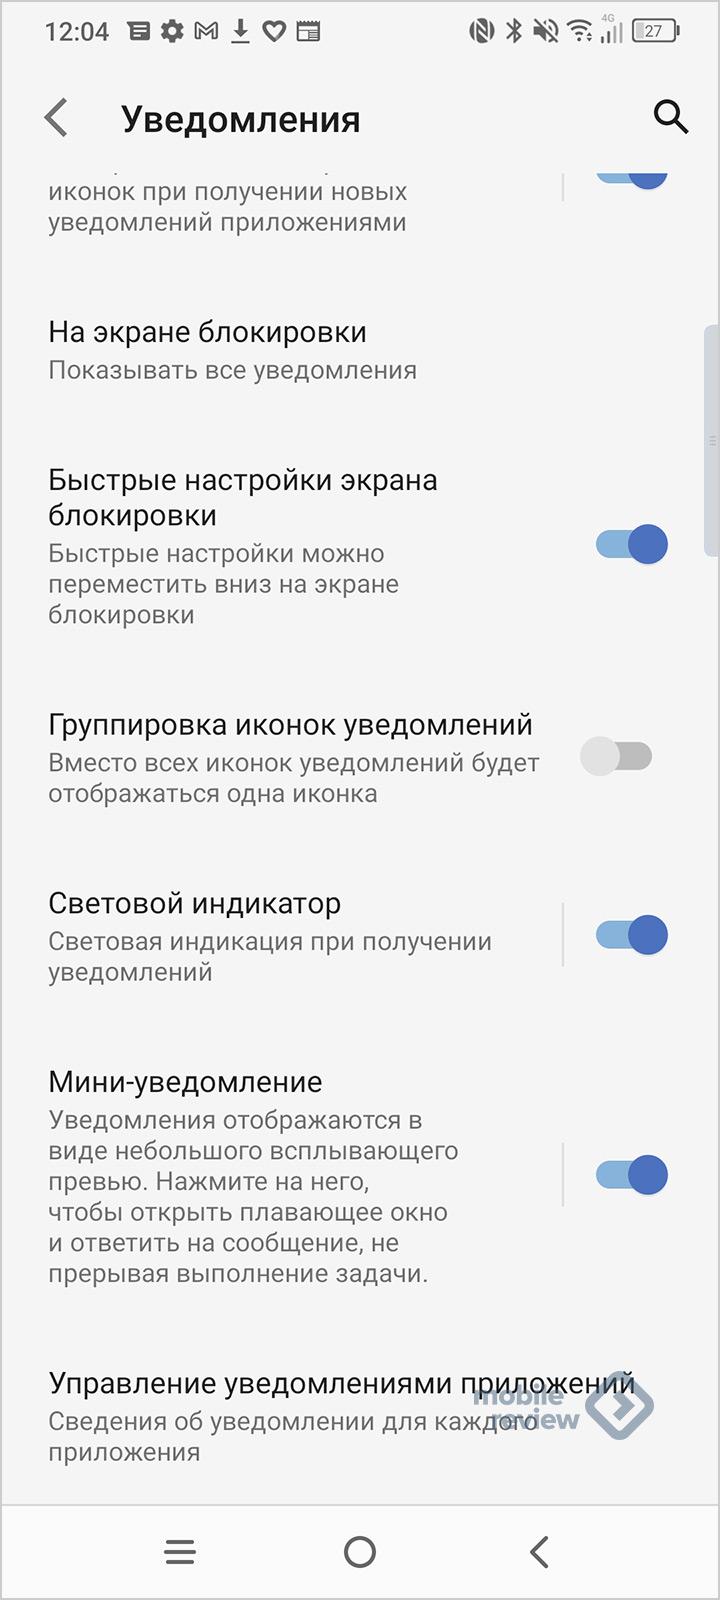 Бирюльки №647. Охота на VPN, могут ли запретить такие сервисы?